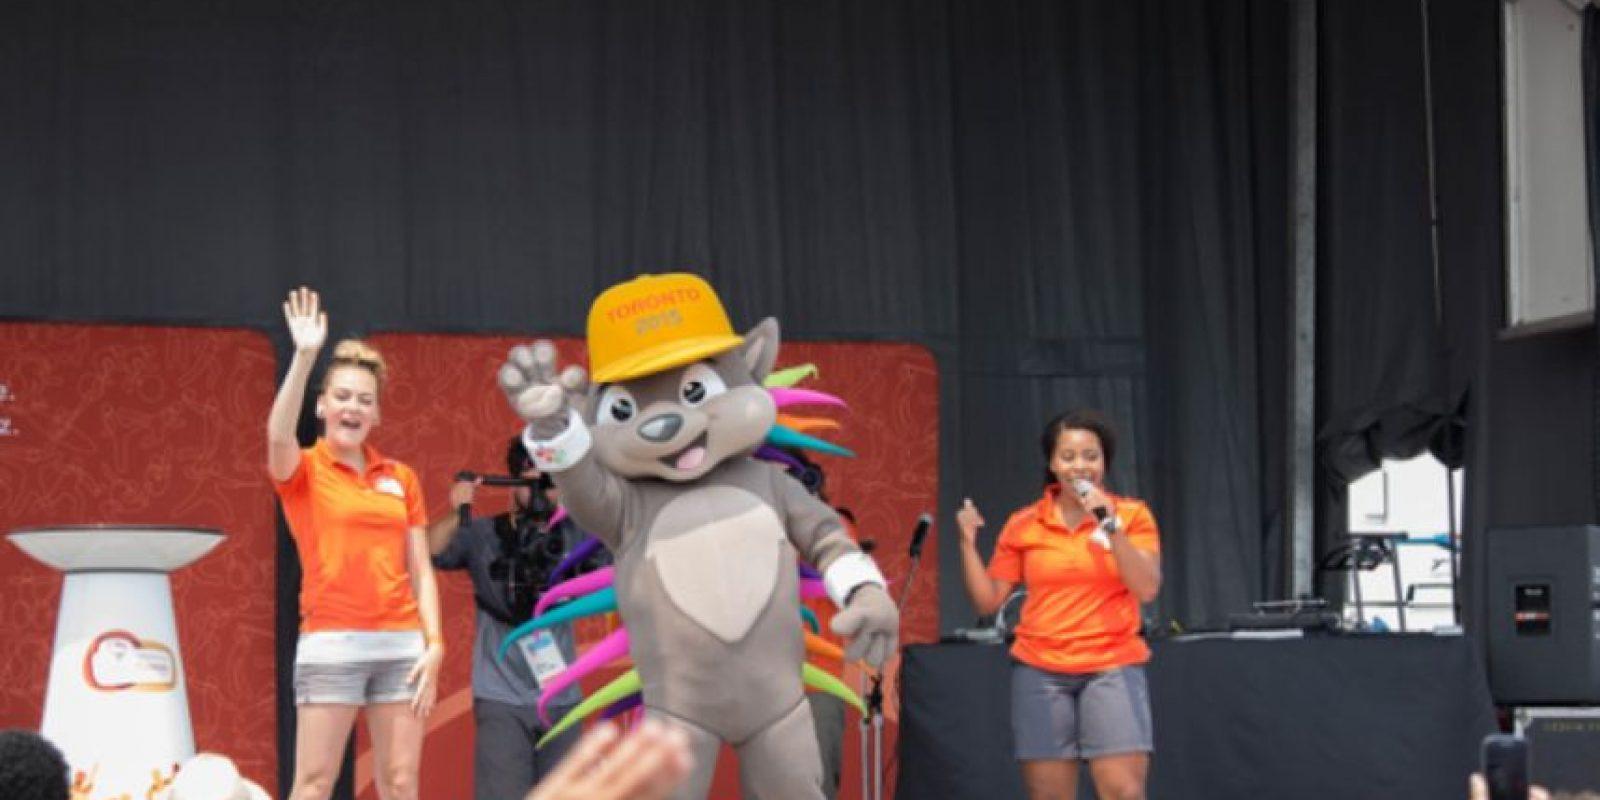 Pachi es el nombre de la mascota de los Juegos Panamericanos 2015 Foto:Vía twitter.com/TO2015